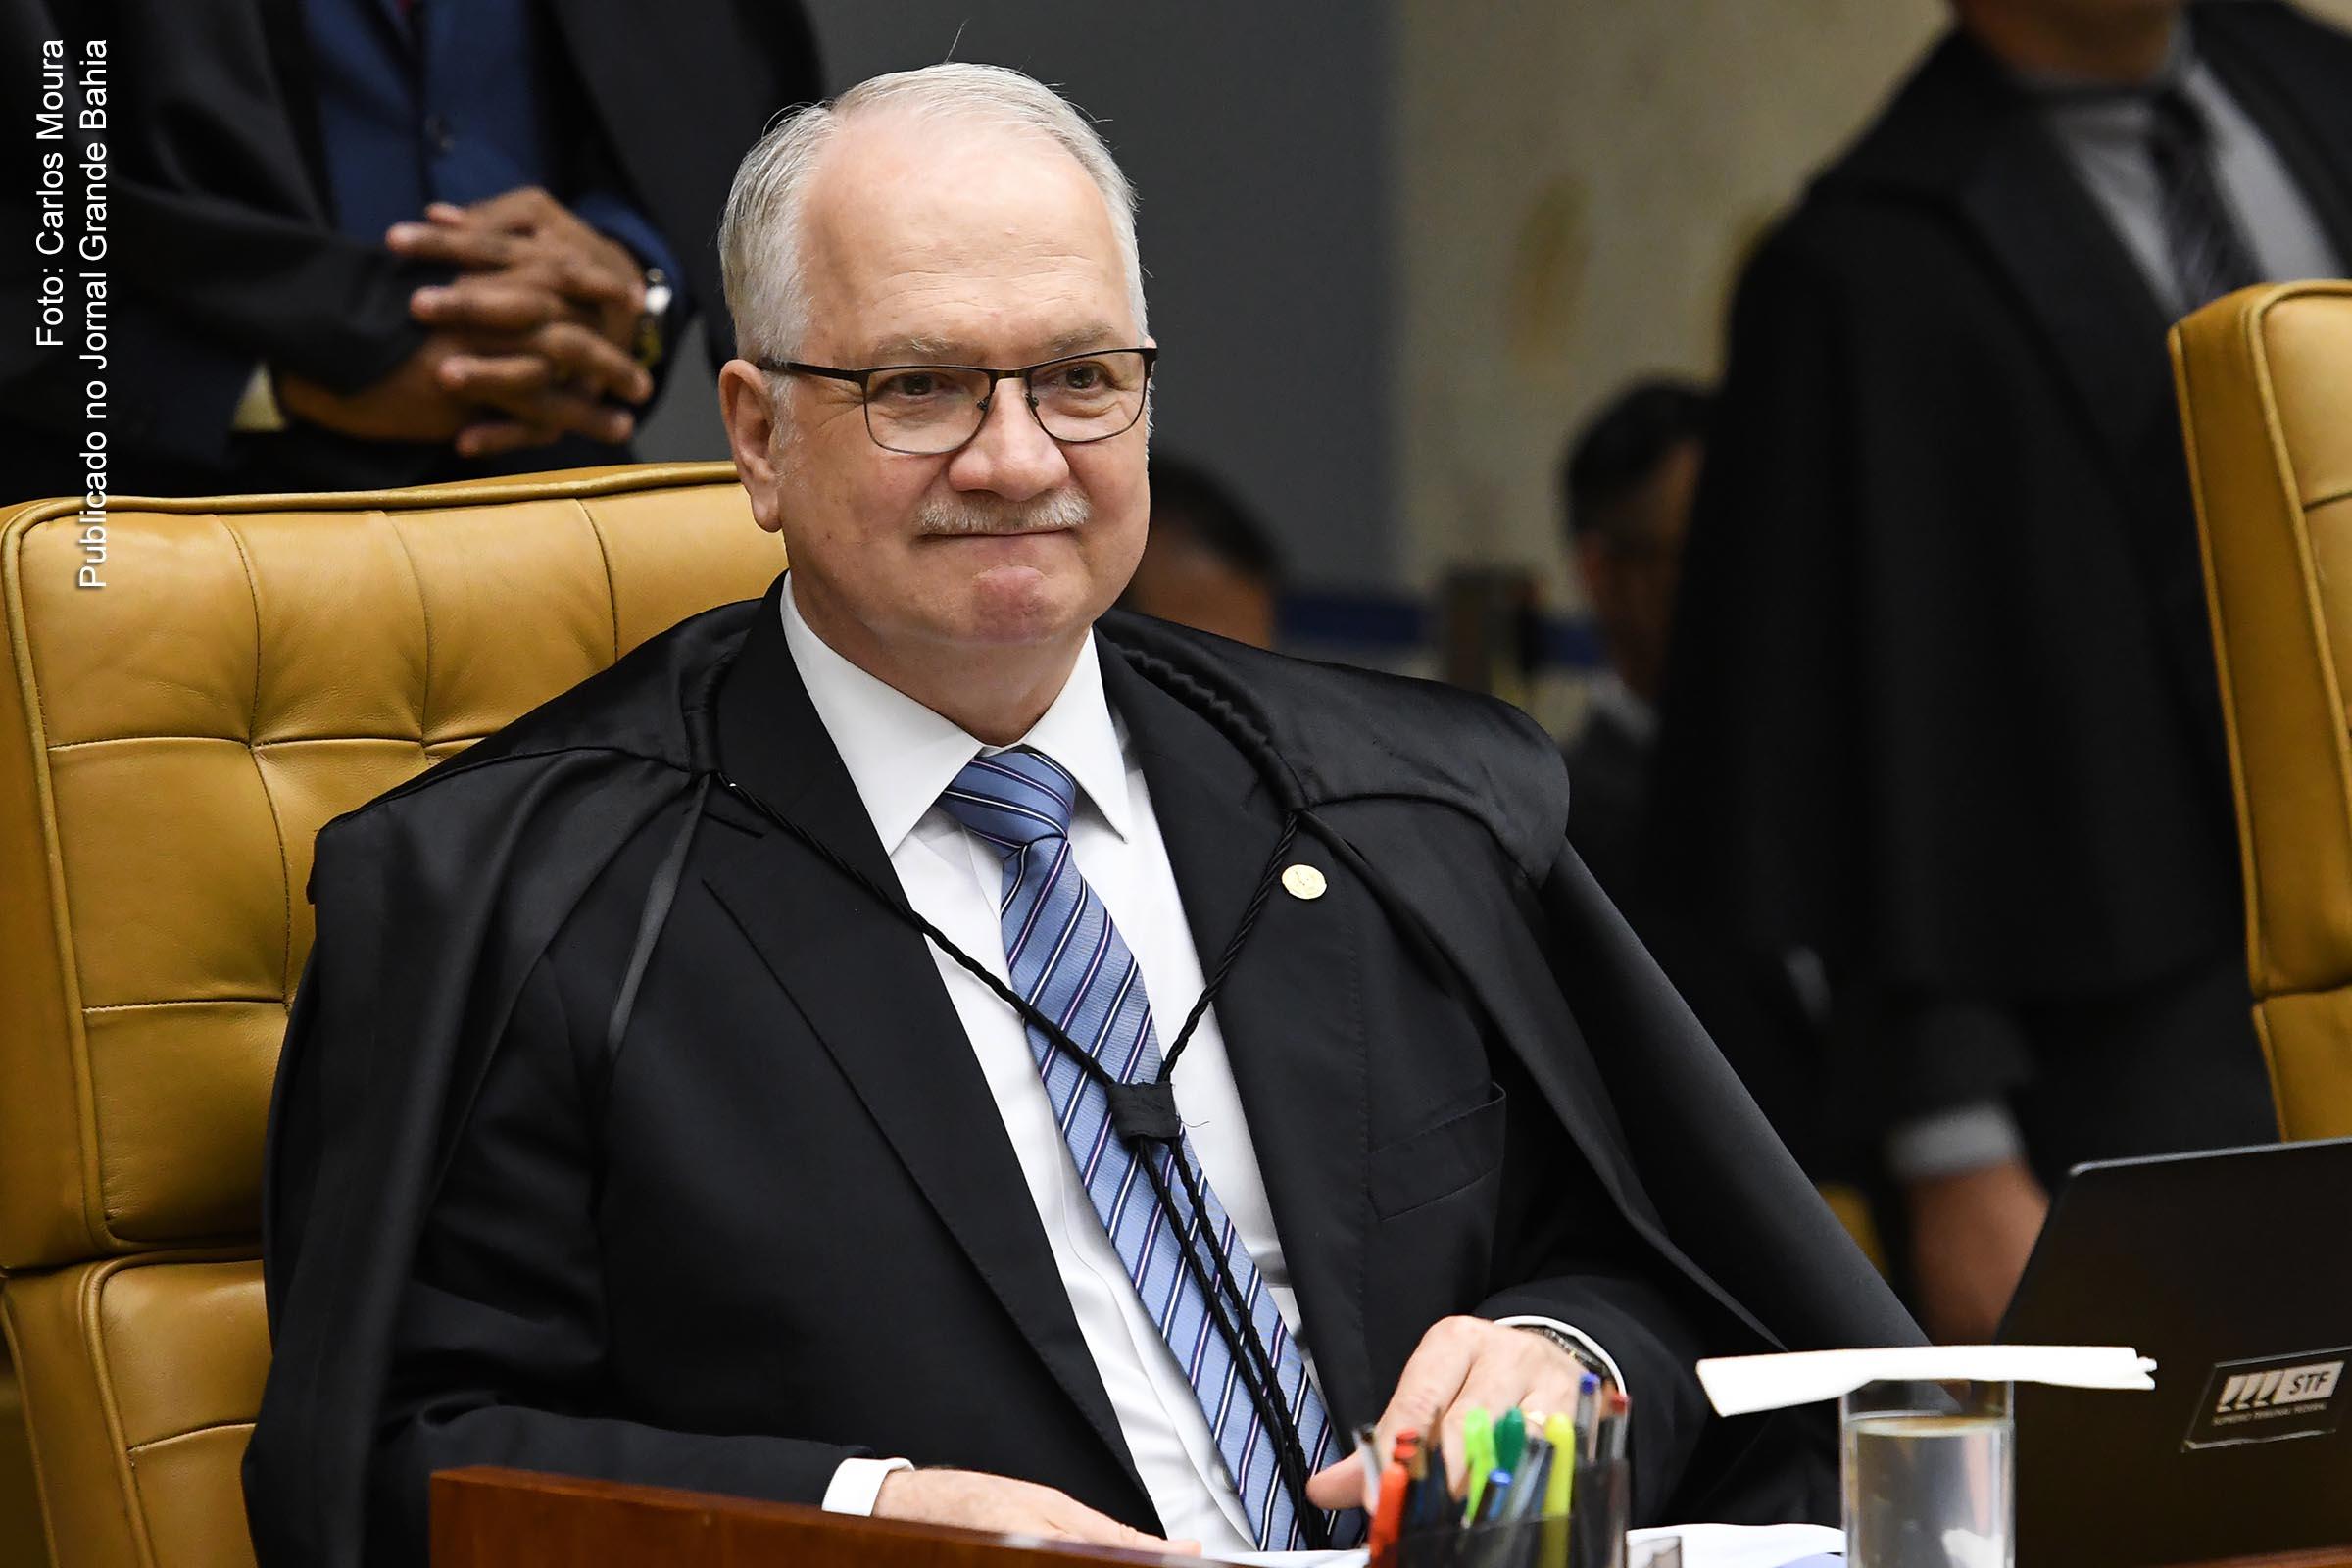 Decisão de Fachin sobre Lula tornou elegível 'um dos maiores bandidos que passou pelo Brasil', diz Bolsonaro